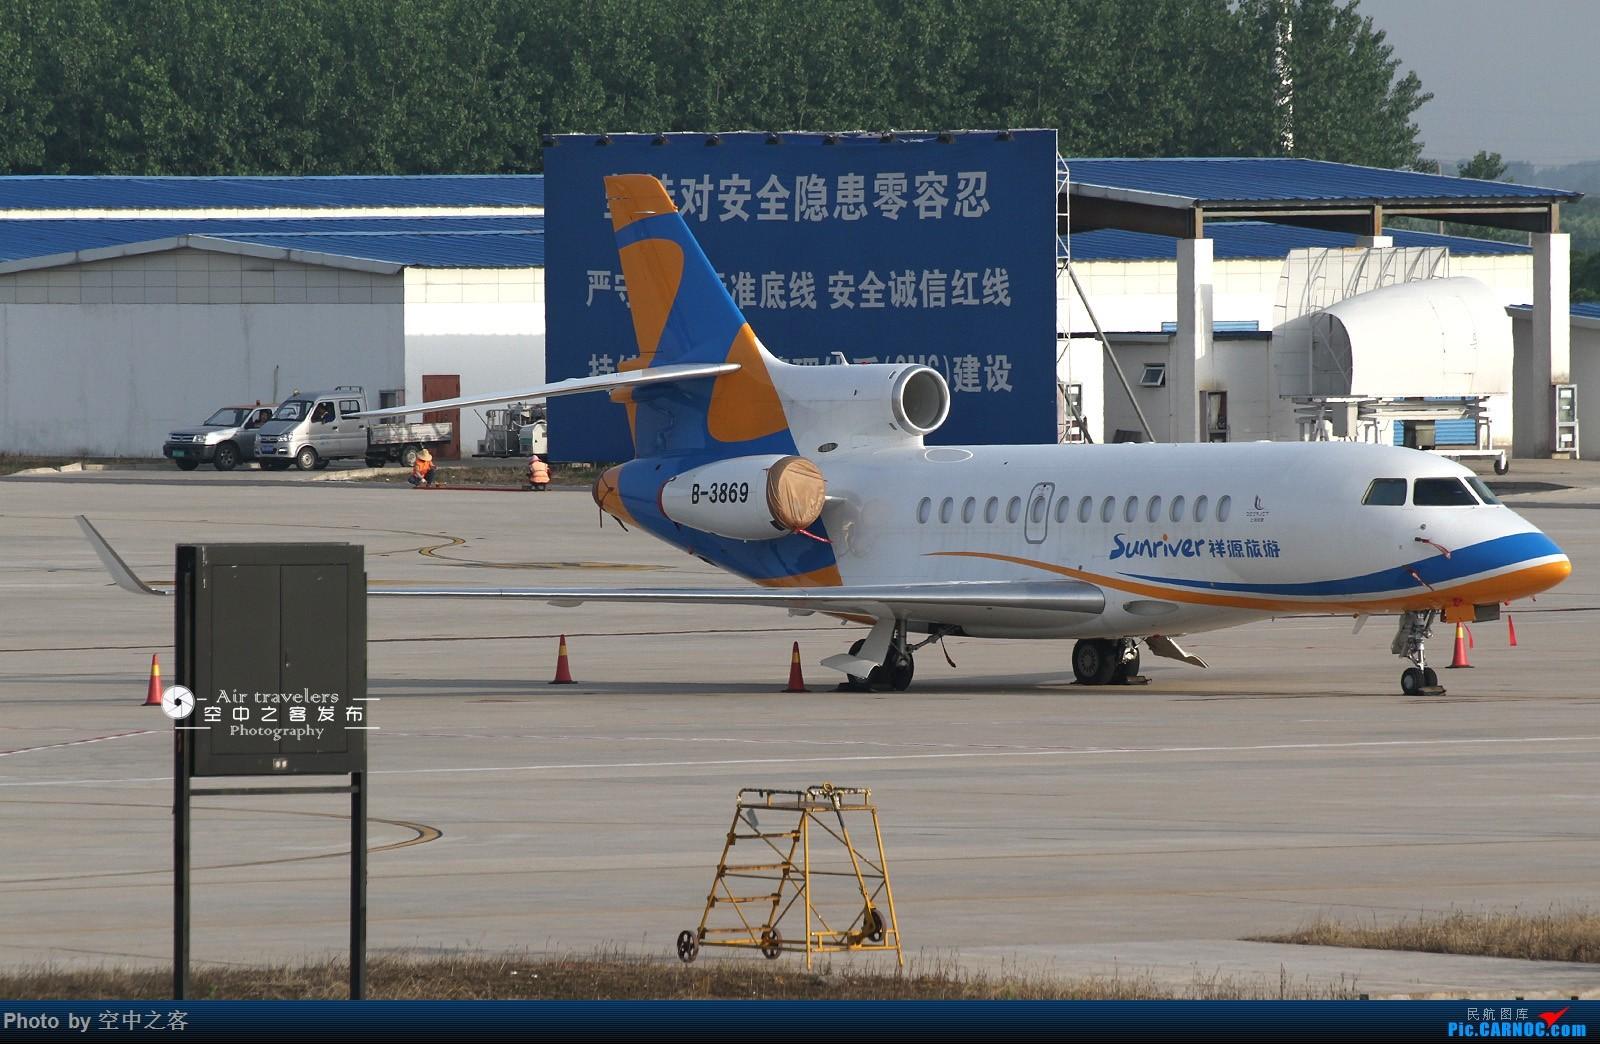 Re:[原创][合肥飞友会-霸都打机队 空中之客发布]@可口可乐 我发图啦! DASSAULT FALCON 7X B-3869 合肥新桥国际机场